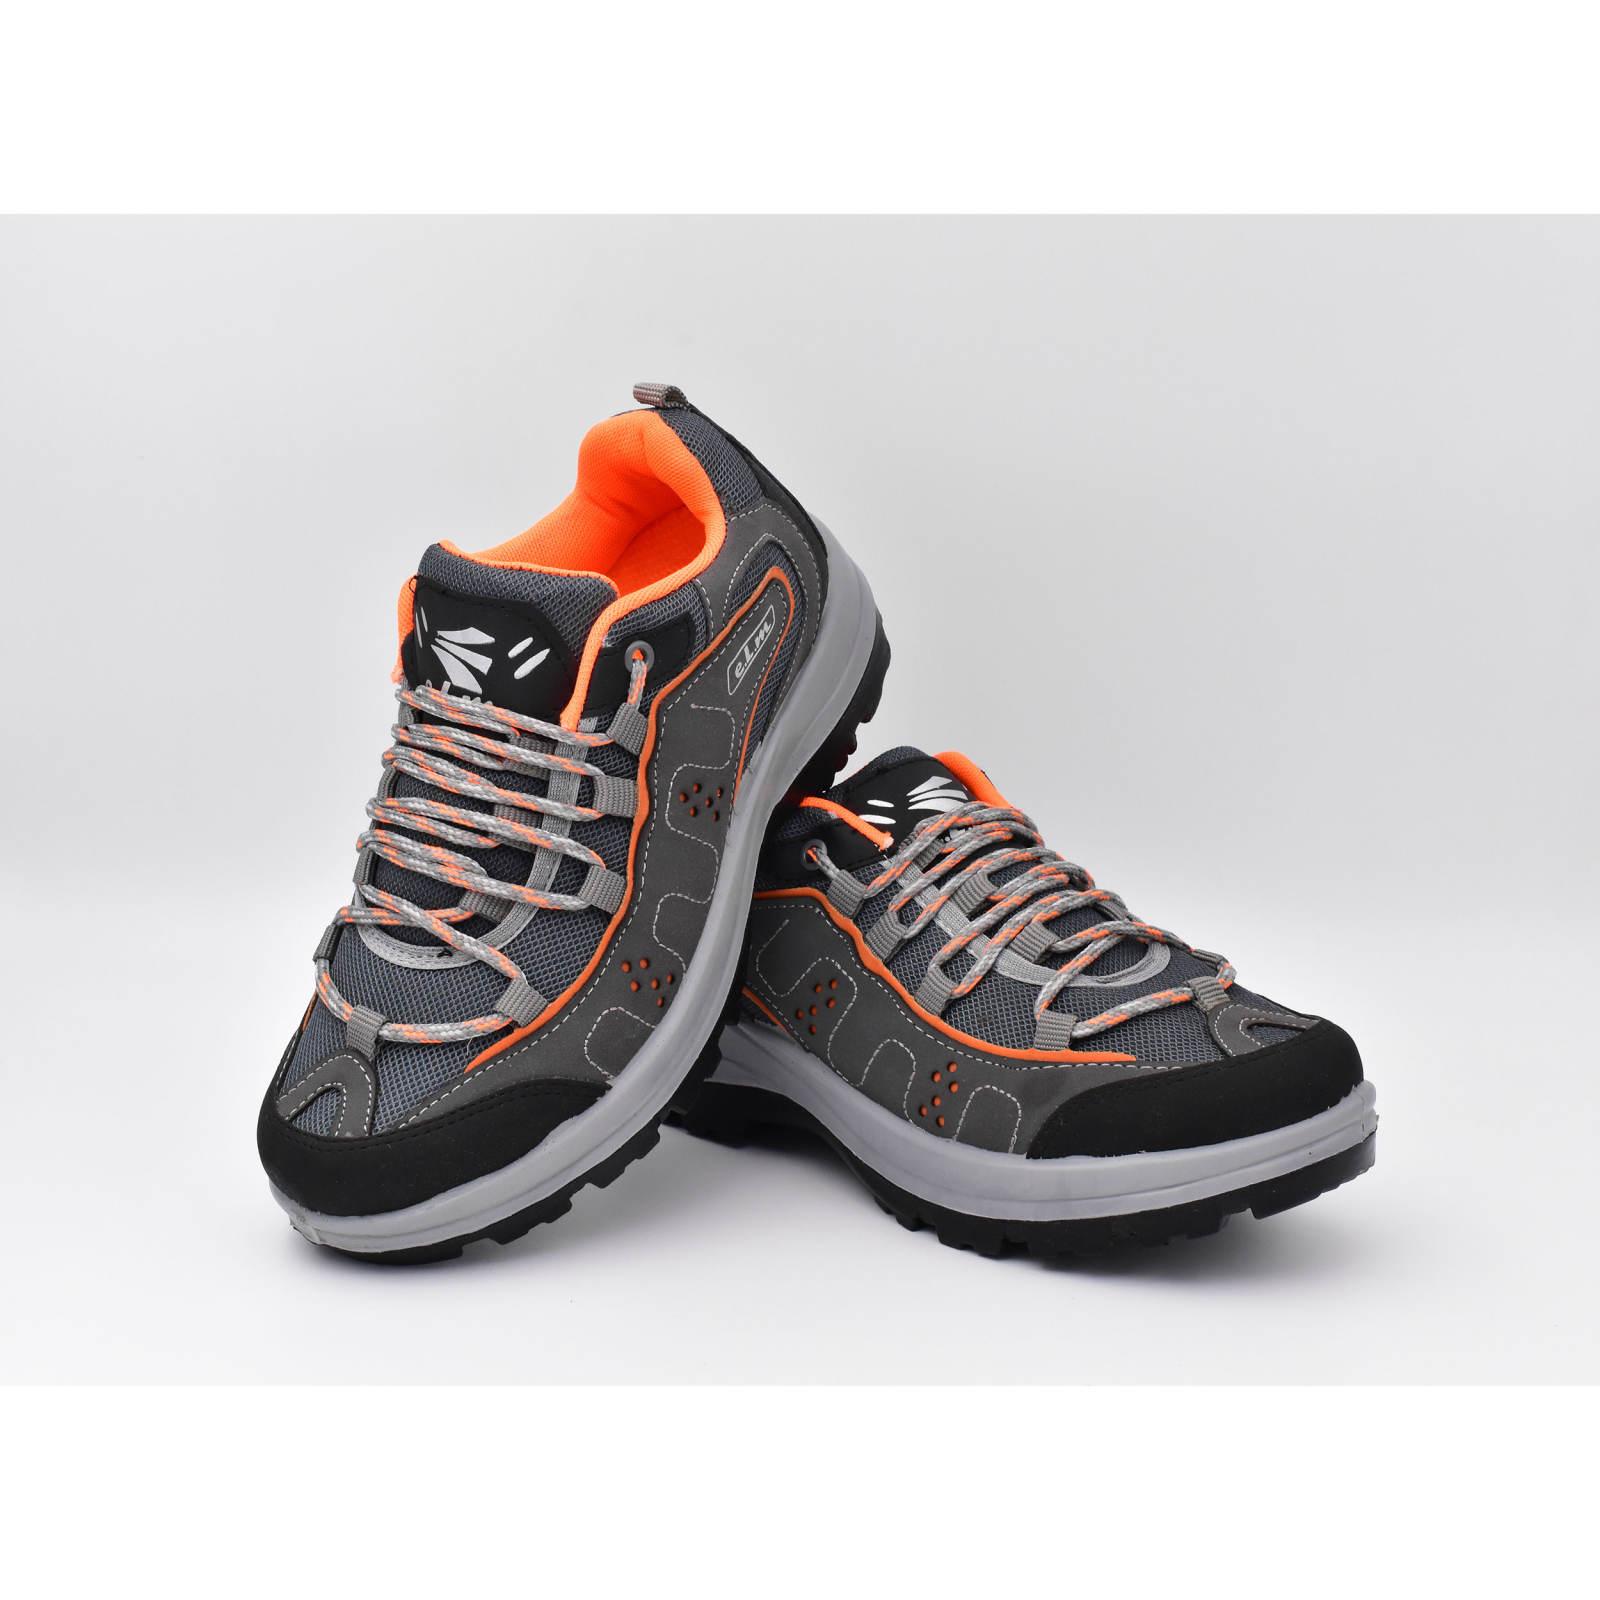 کفش پیاده روی زنانه ای ال ام مدل هامون کد 7724 -  - 7